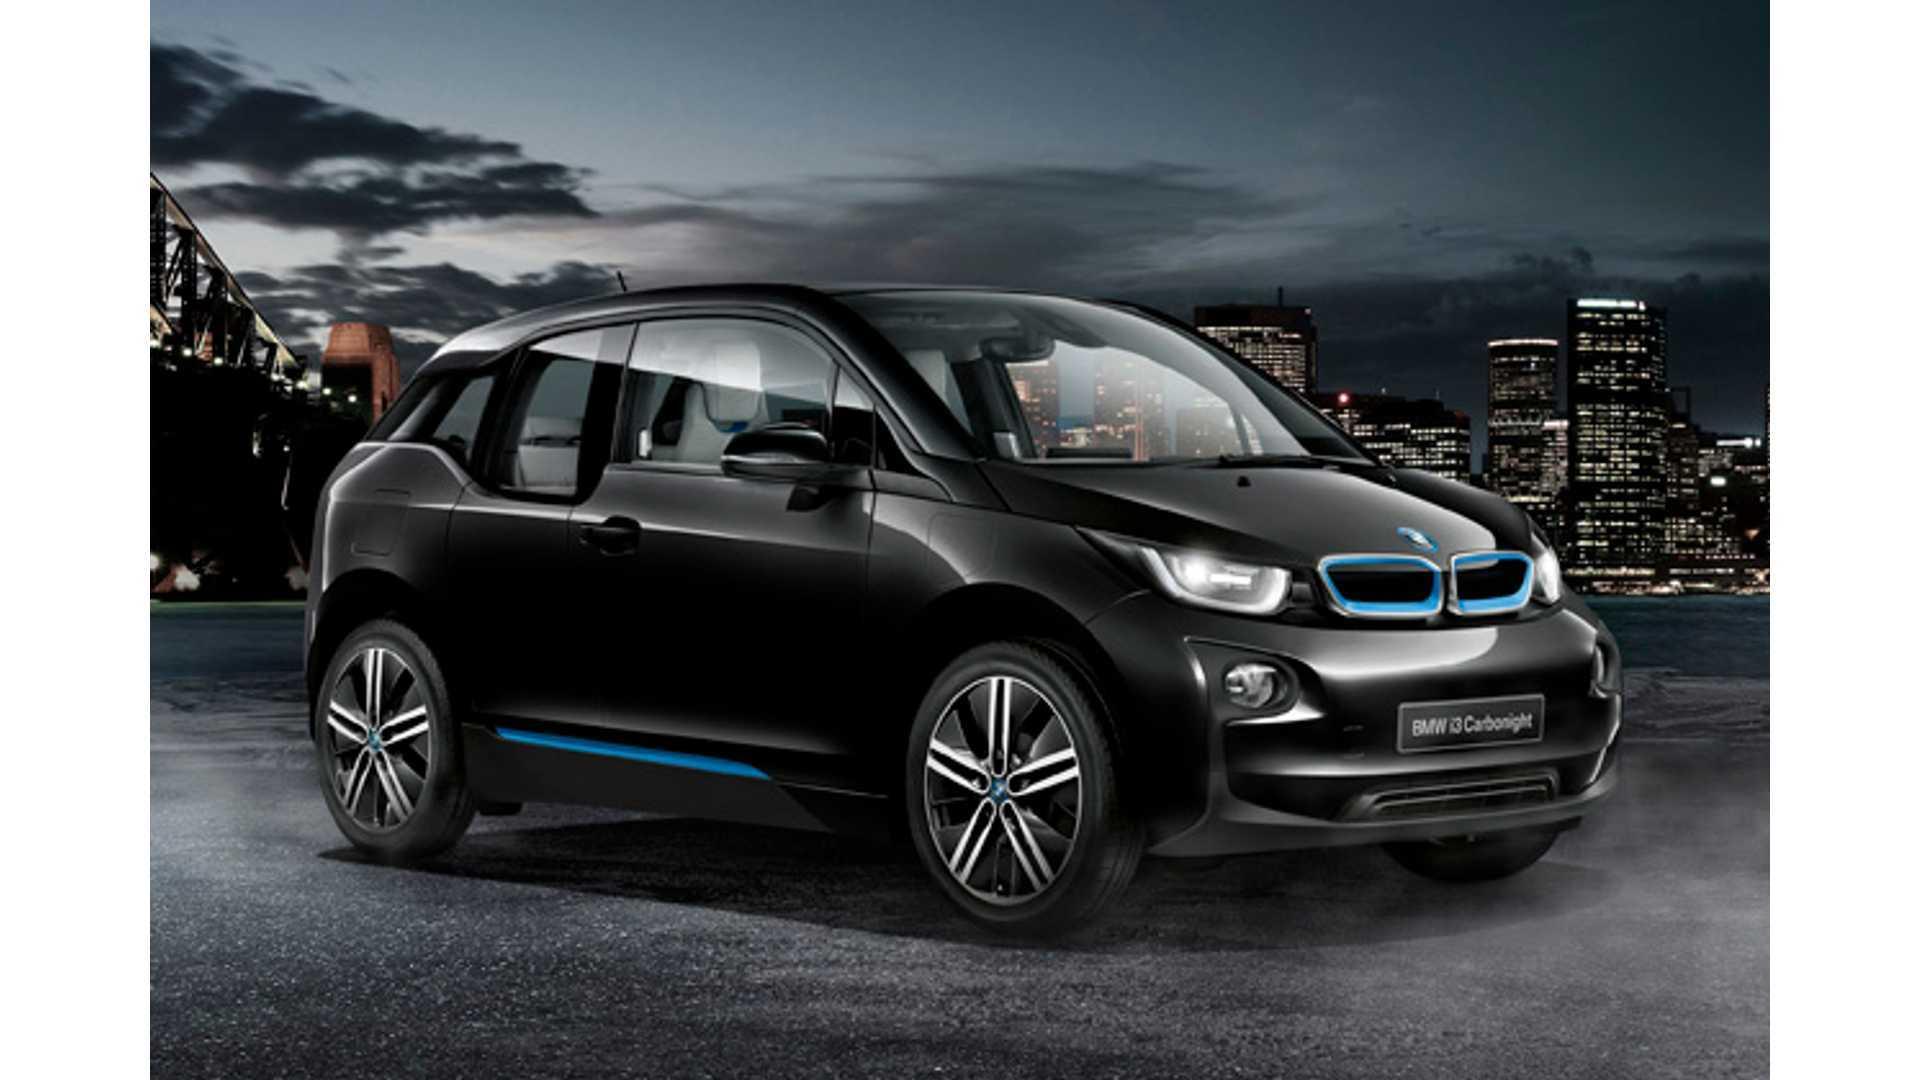 Confirmed: 2017 BMW i3 Gets 50% Range Increase, Arrives In July